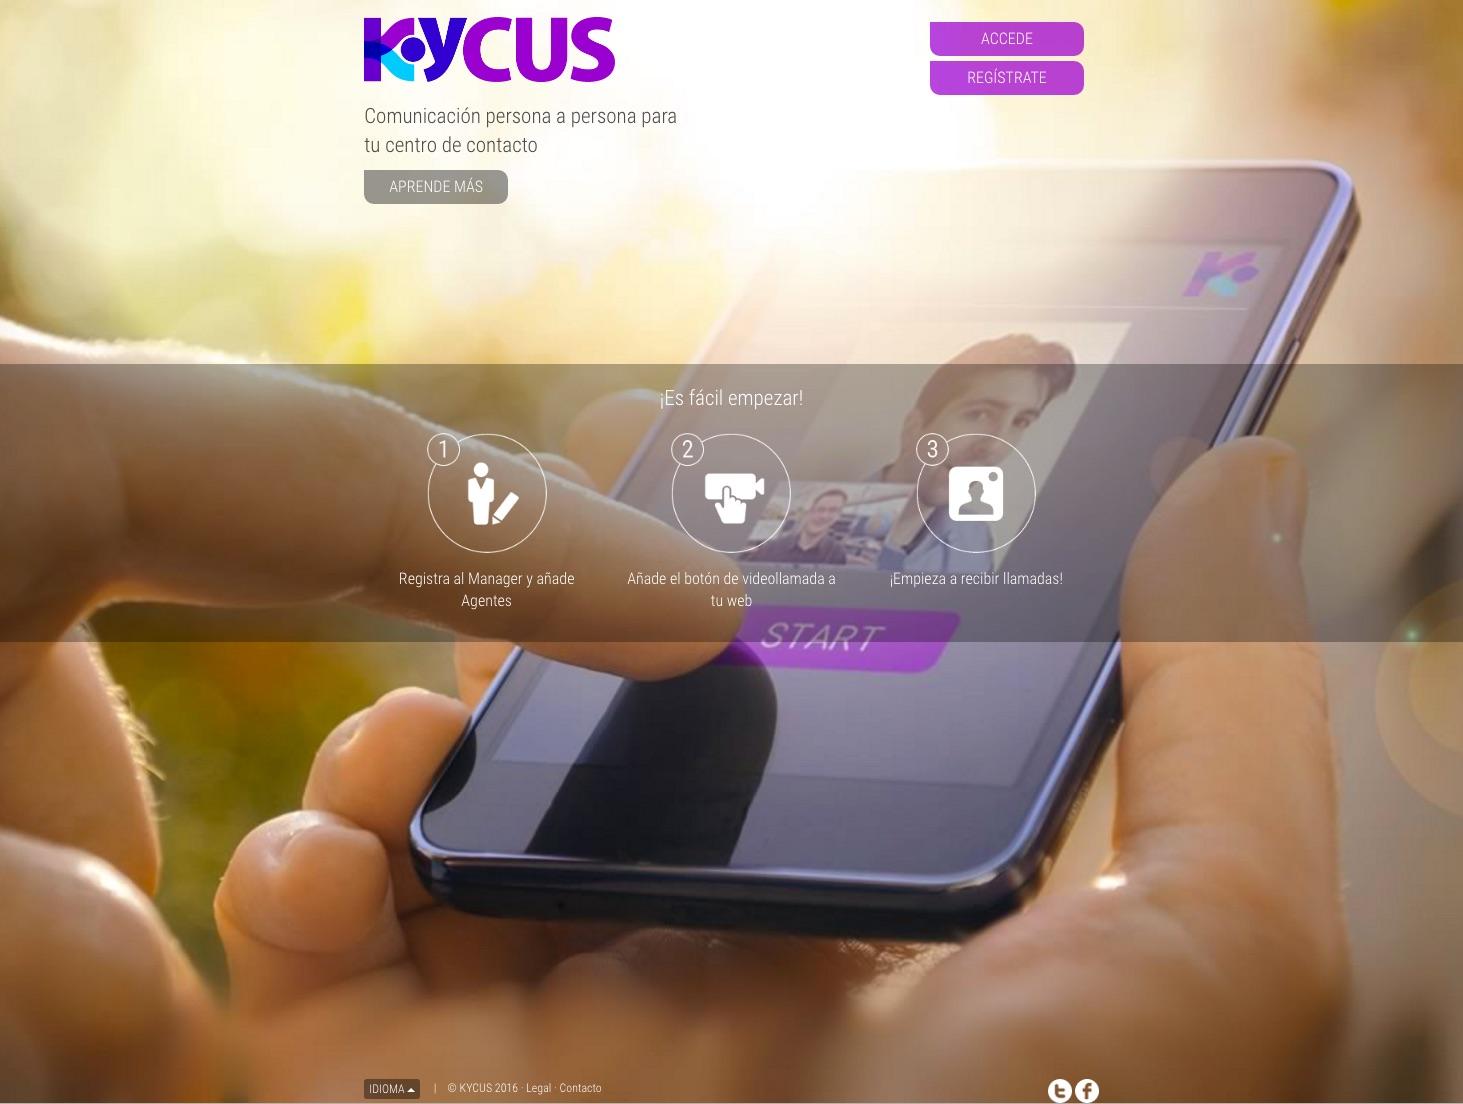 kycus